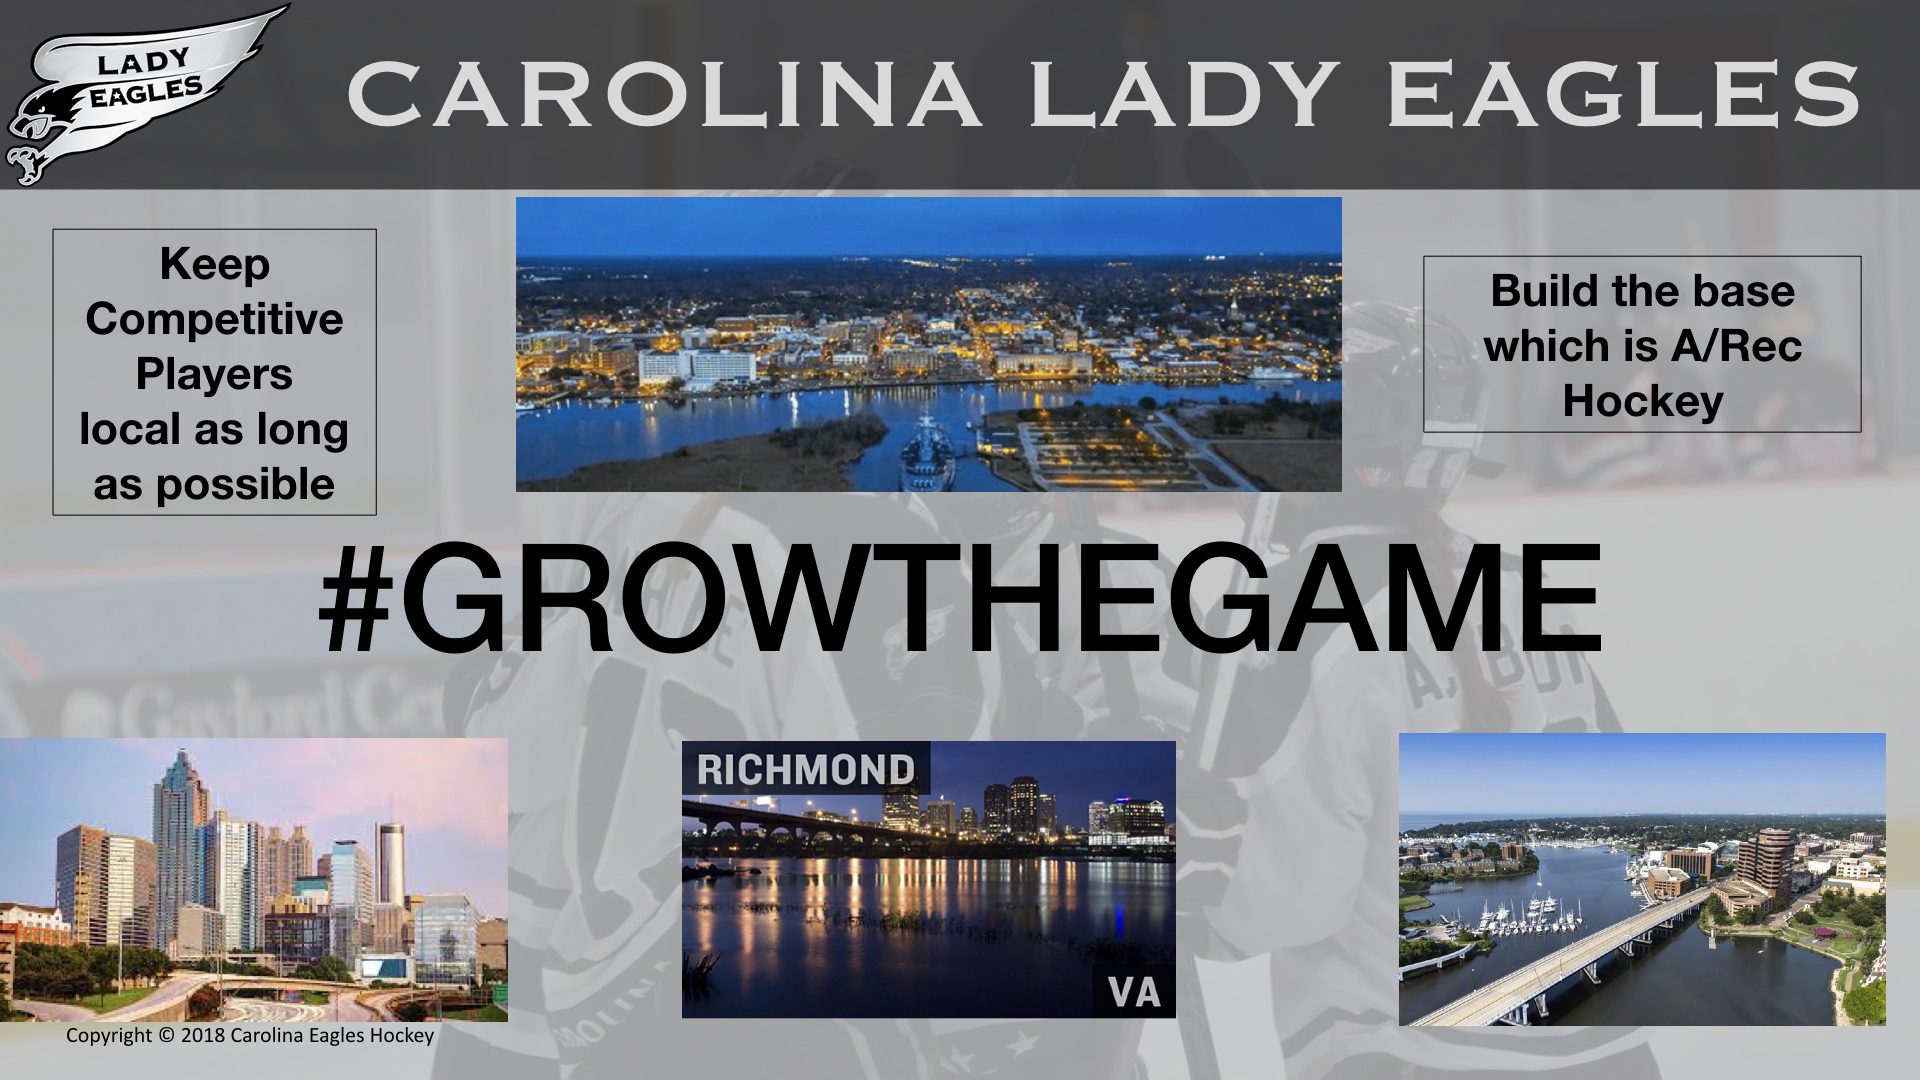 #Growthegame